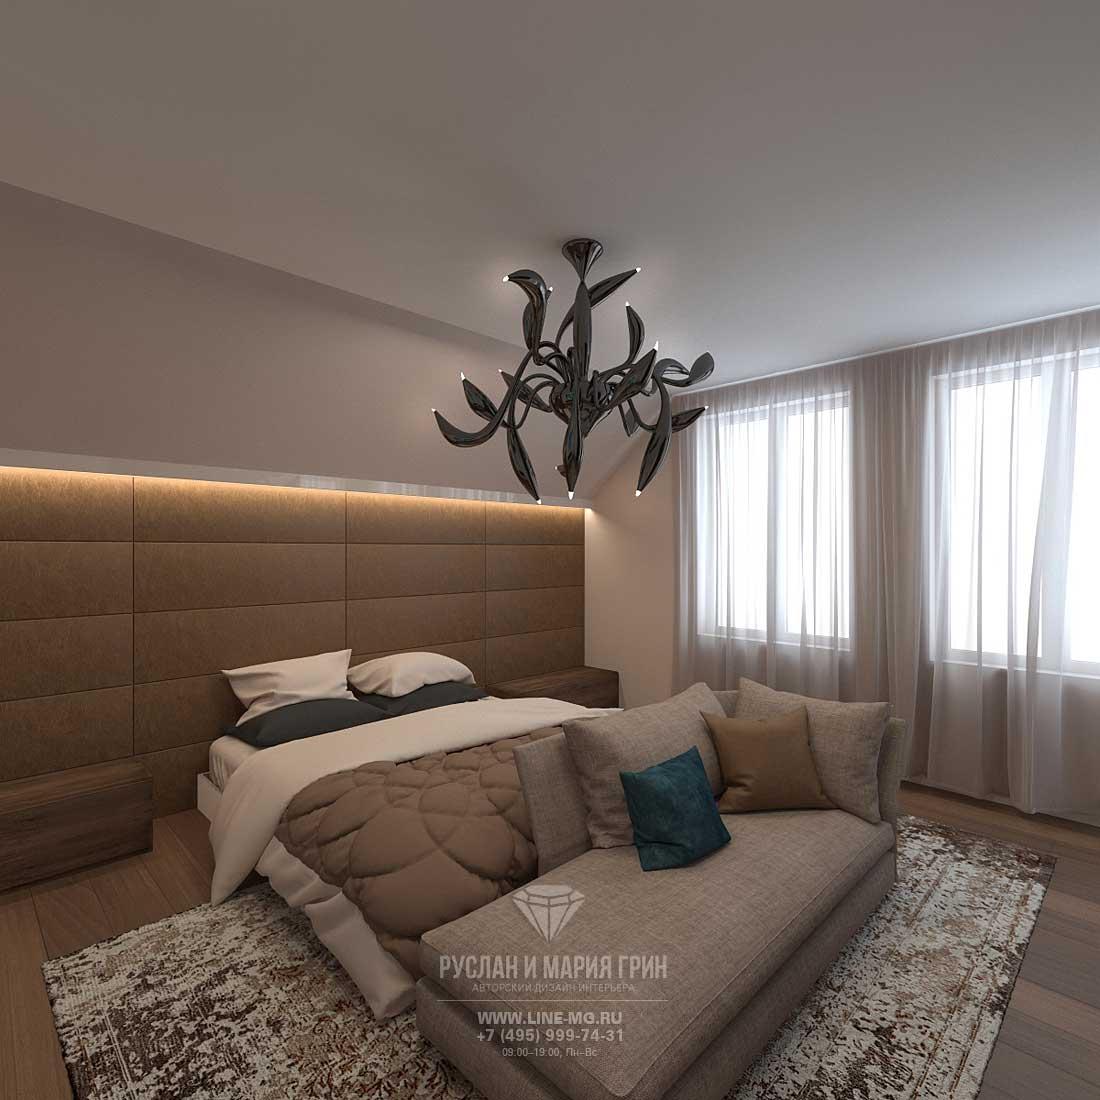 Дизайн спальни в загородном доме в стиле лофт